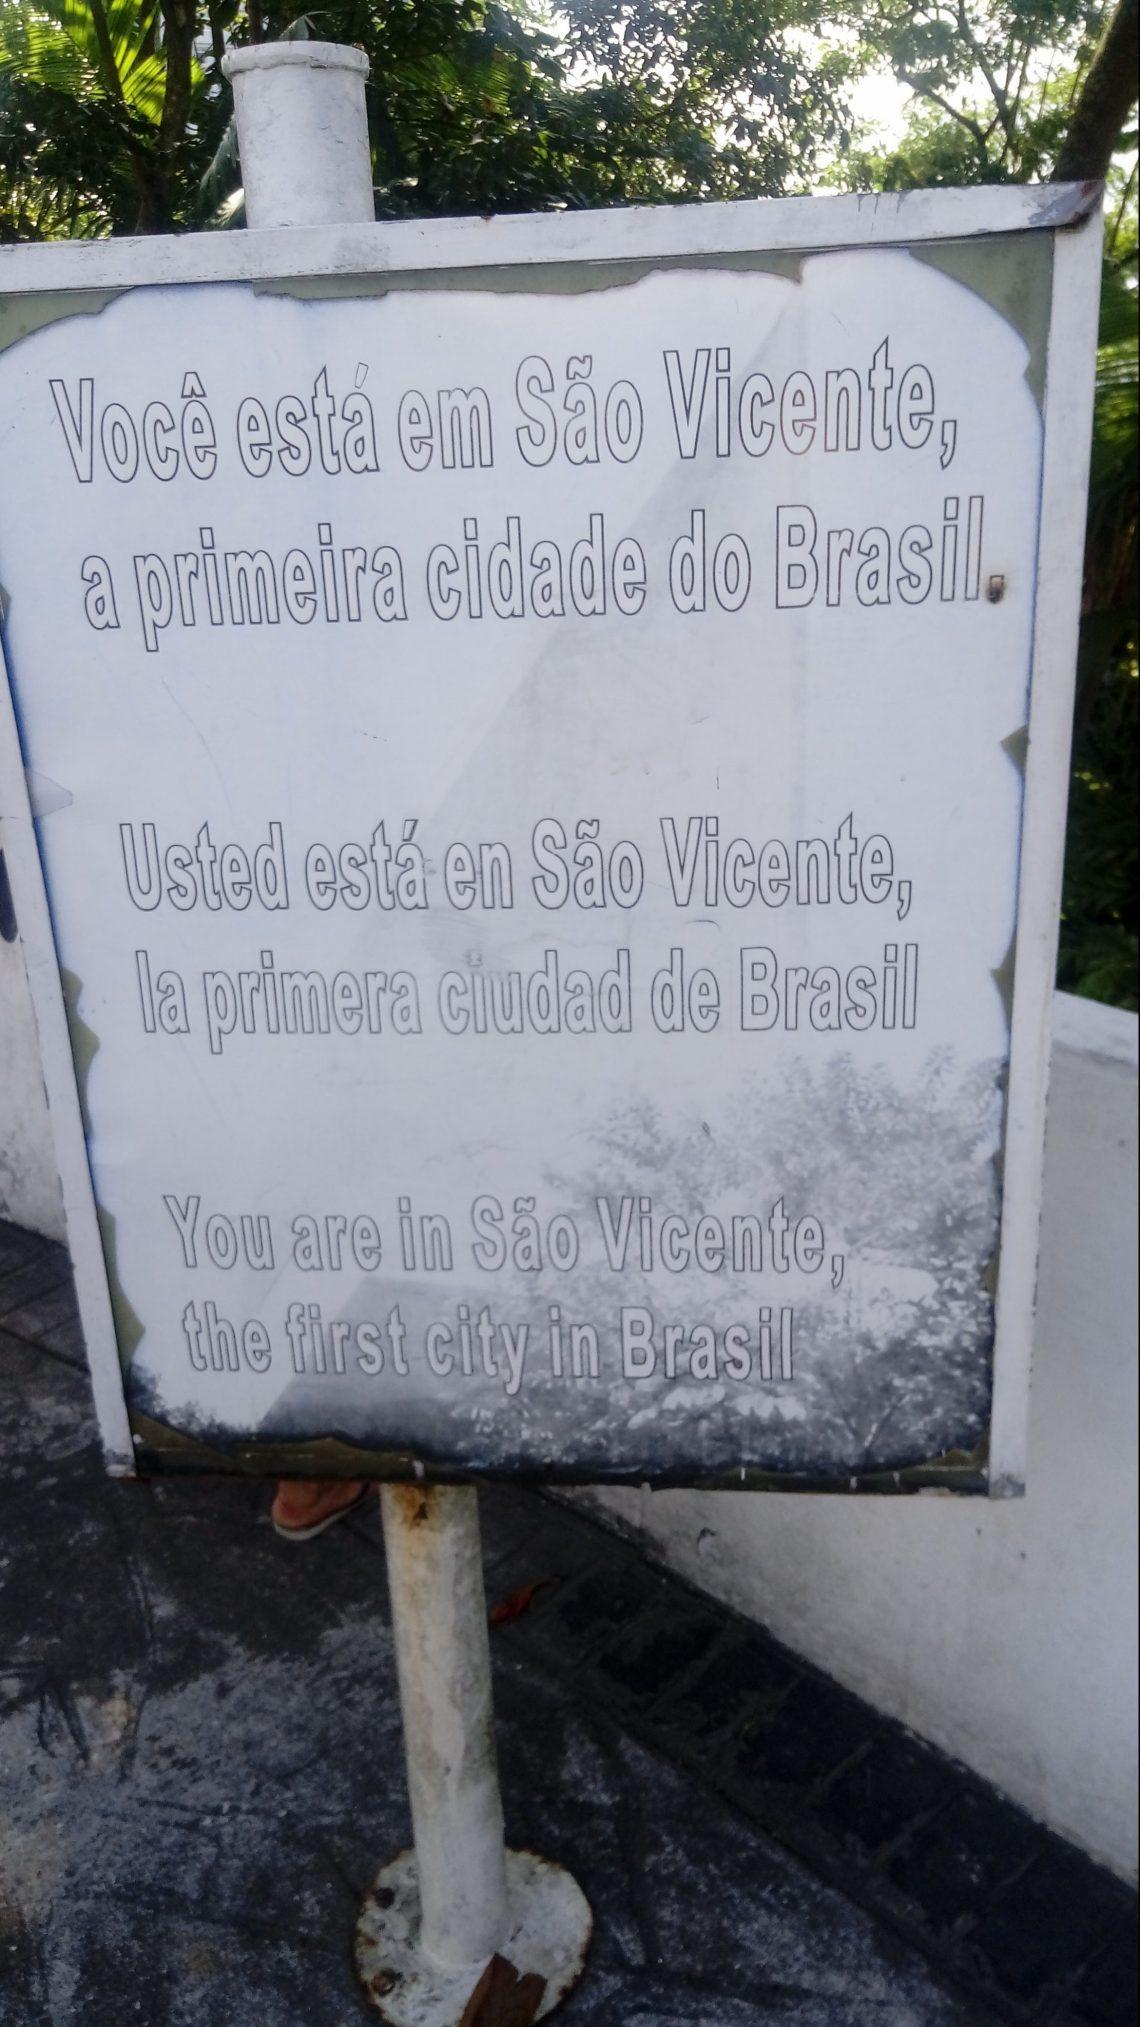 Wel Tavares - A primeira cidade do Brasil